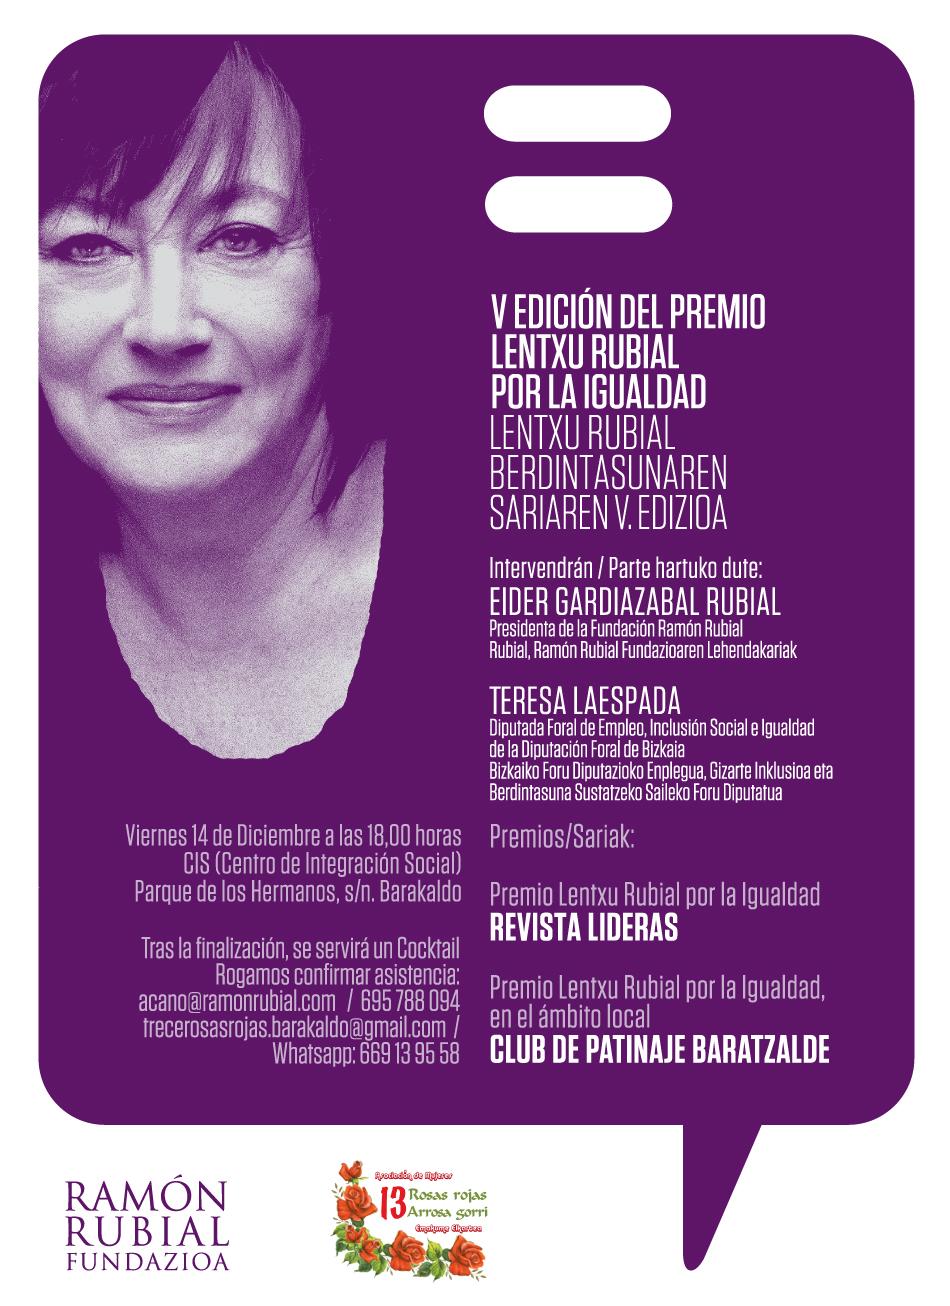 Premios Lentxu Rubial